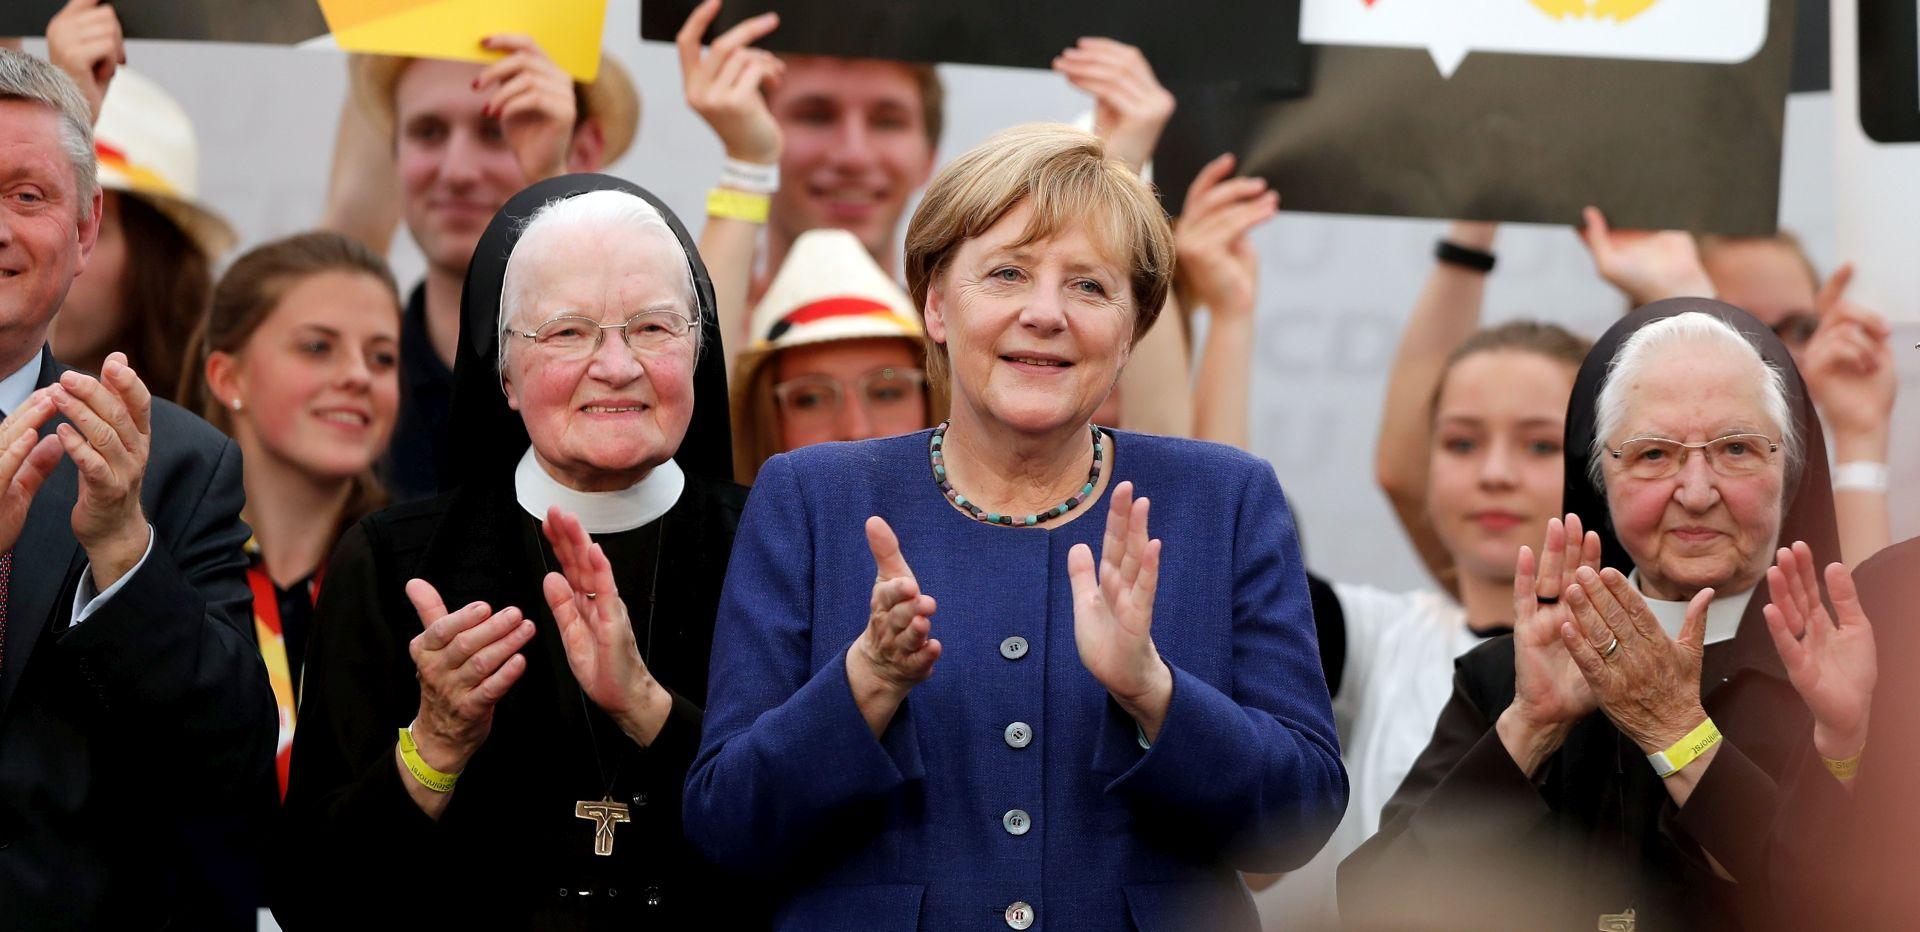 Steinmeier će u ponedjeljak preporučiti Merkel za četvrti mandat